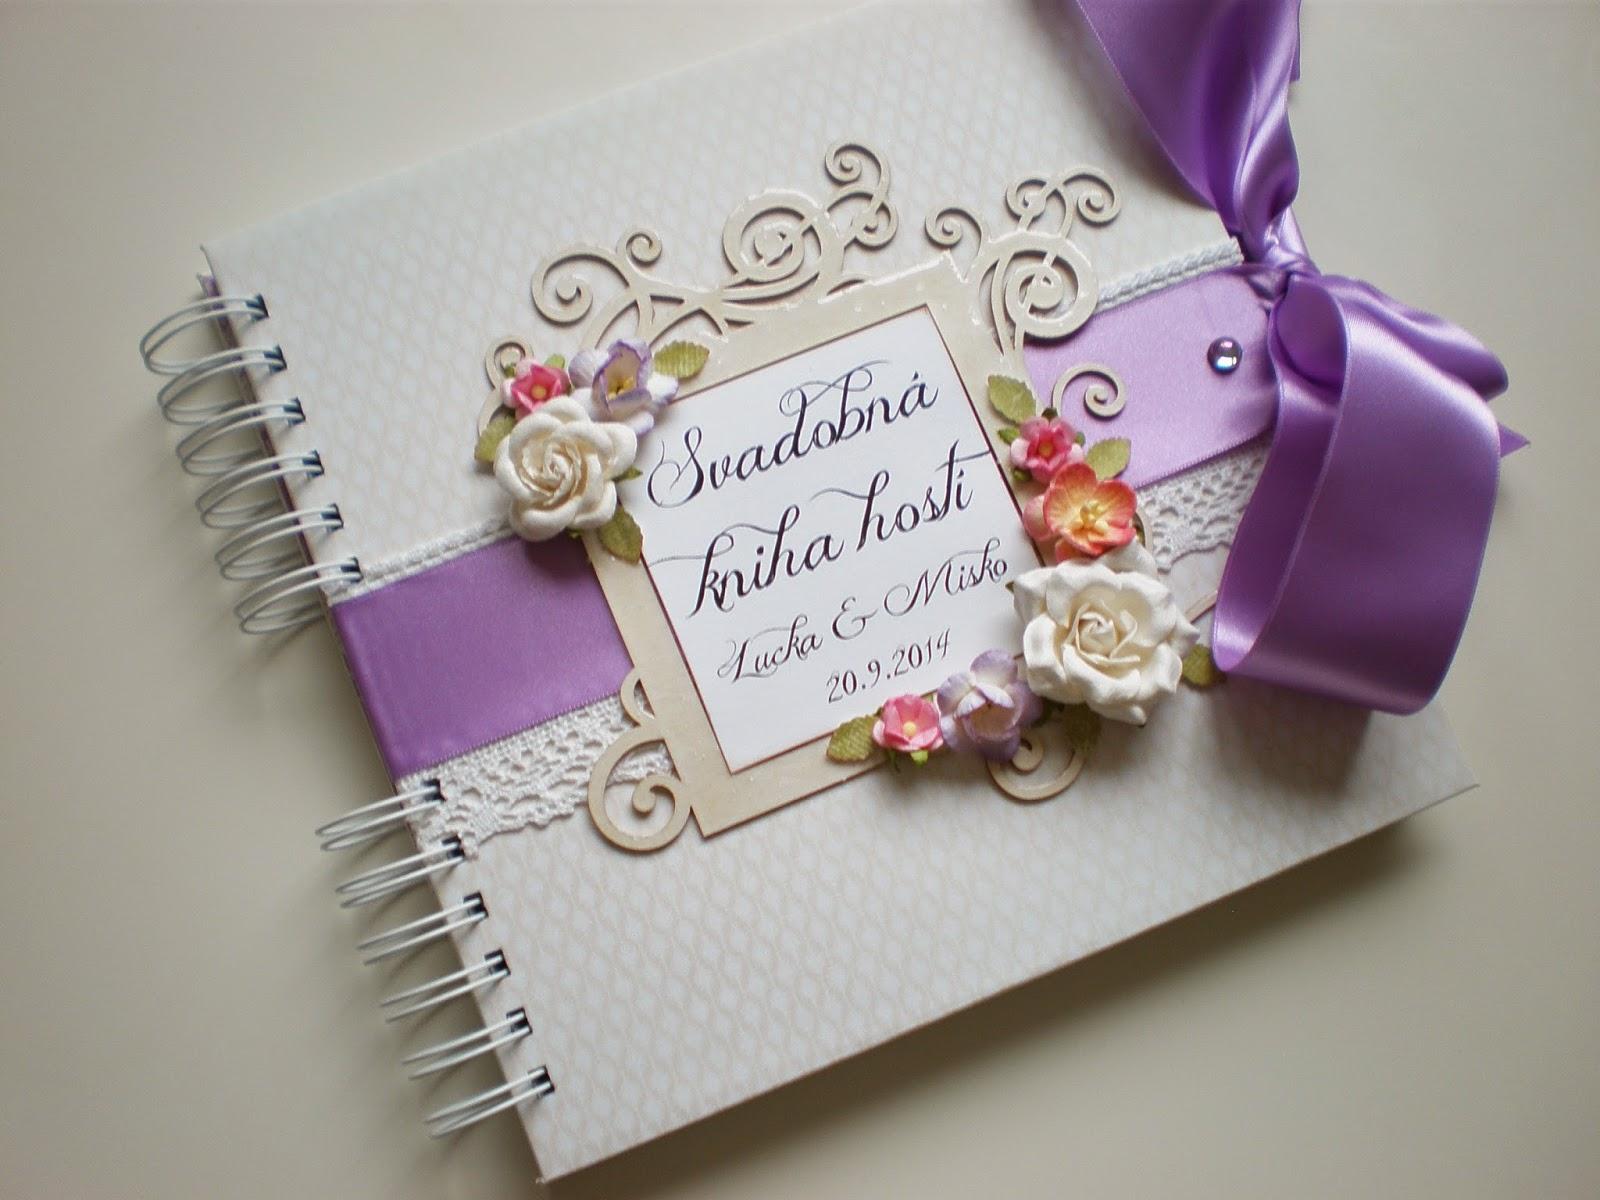 Svadobná kniha hostí / Wedding guest book